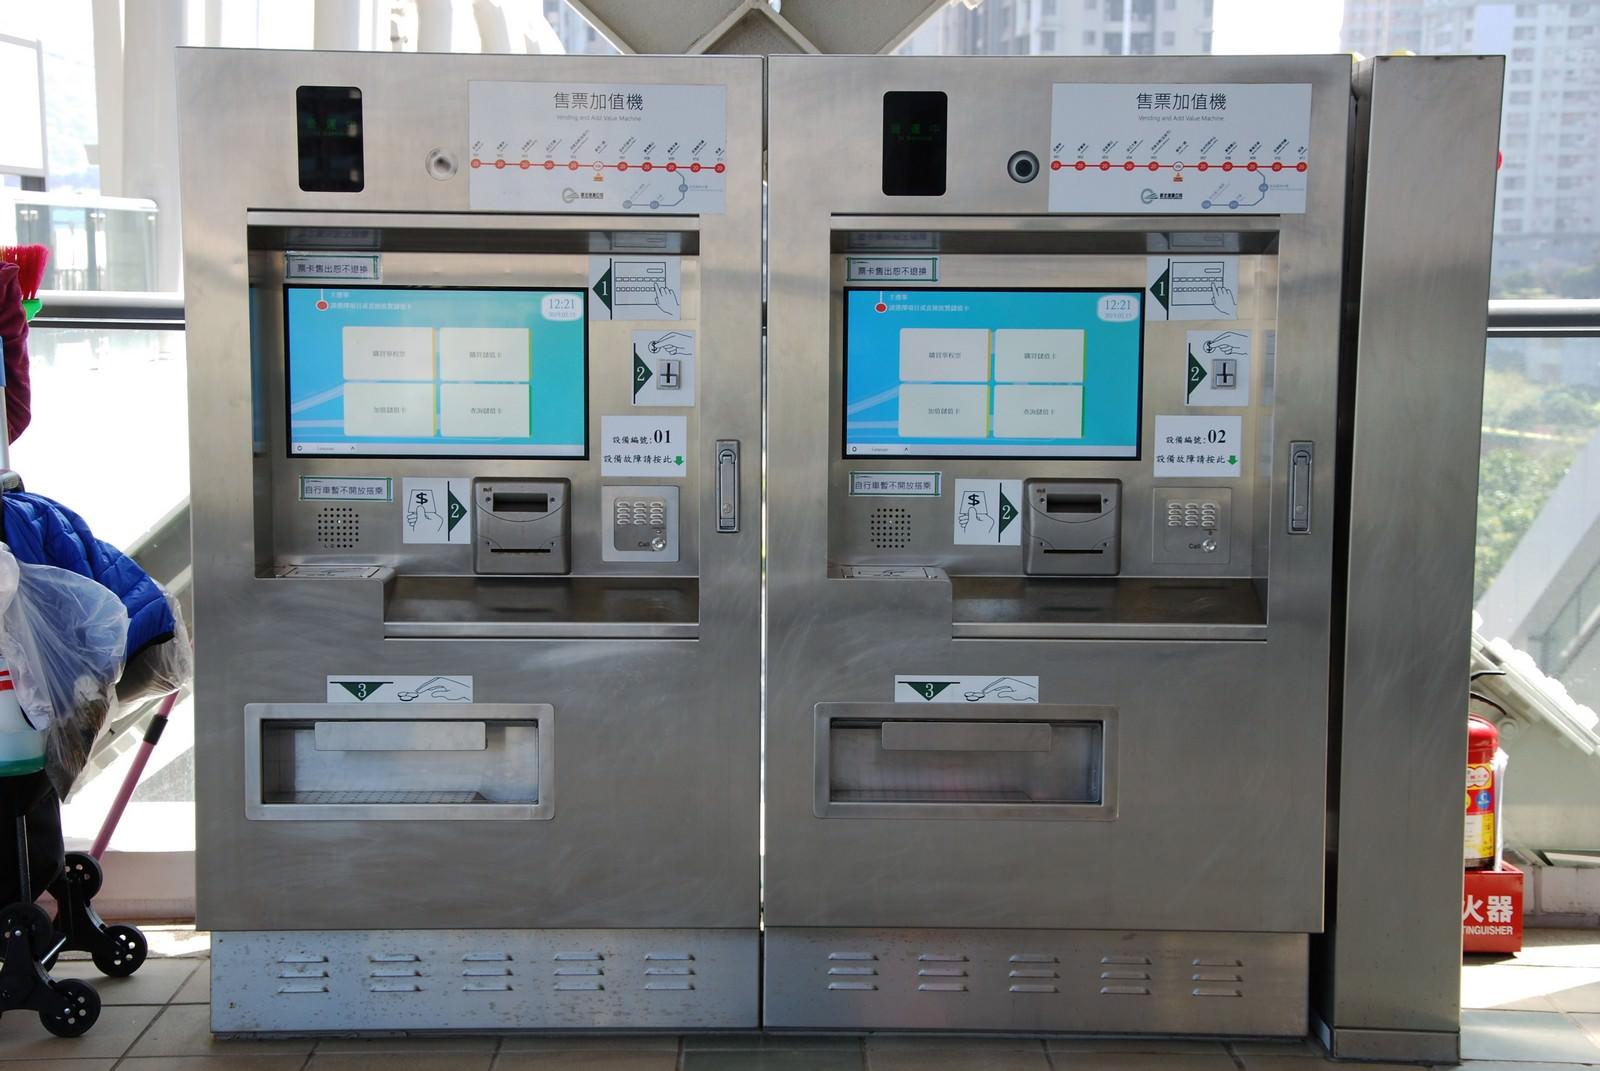 淡海輕軌綠山線, 輕軌新市一路站, 售票加值機